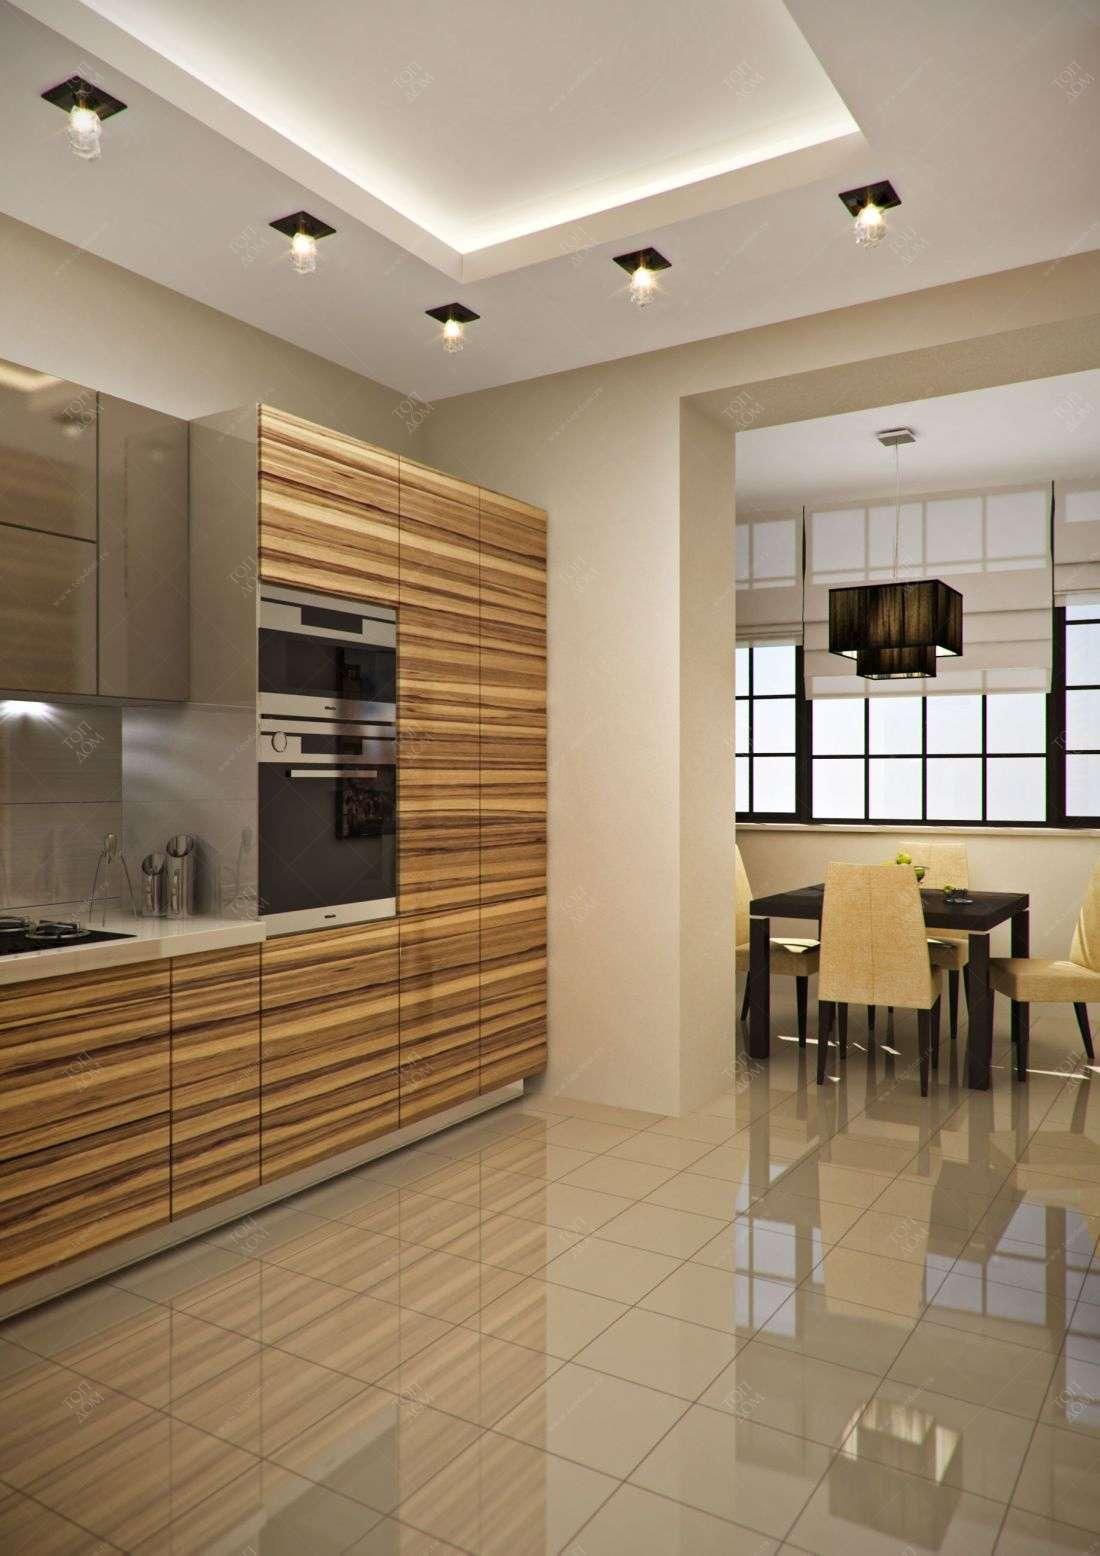 Проект интерьера кухни в 3 х комнтаной